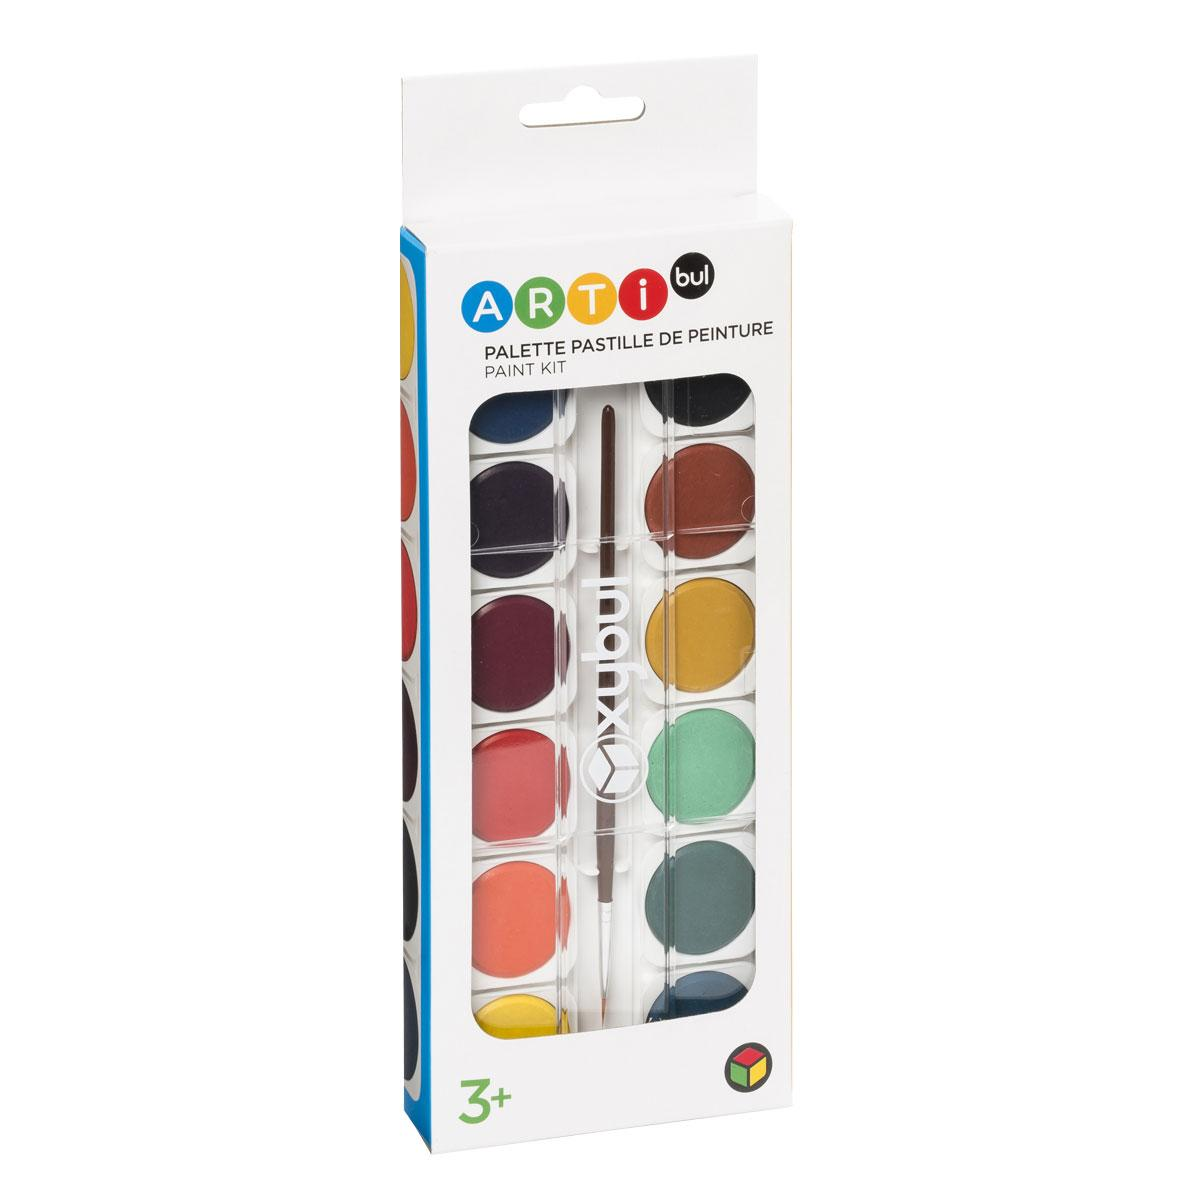 Palette pastilles de peinture